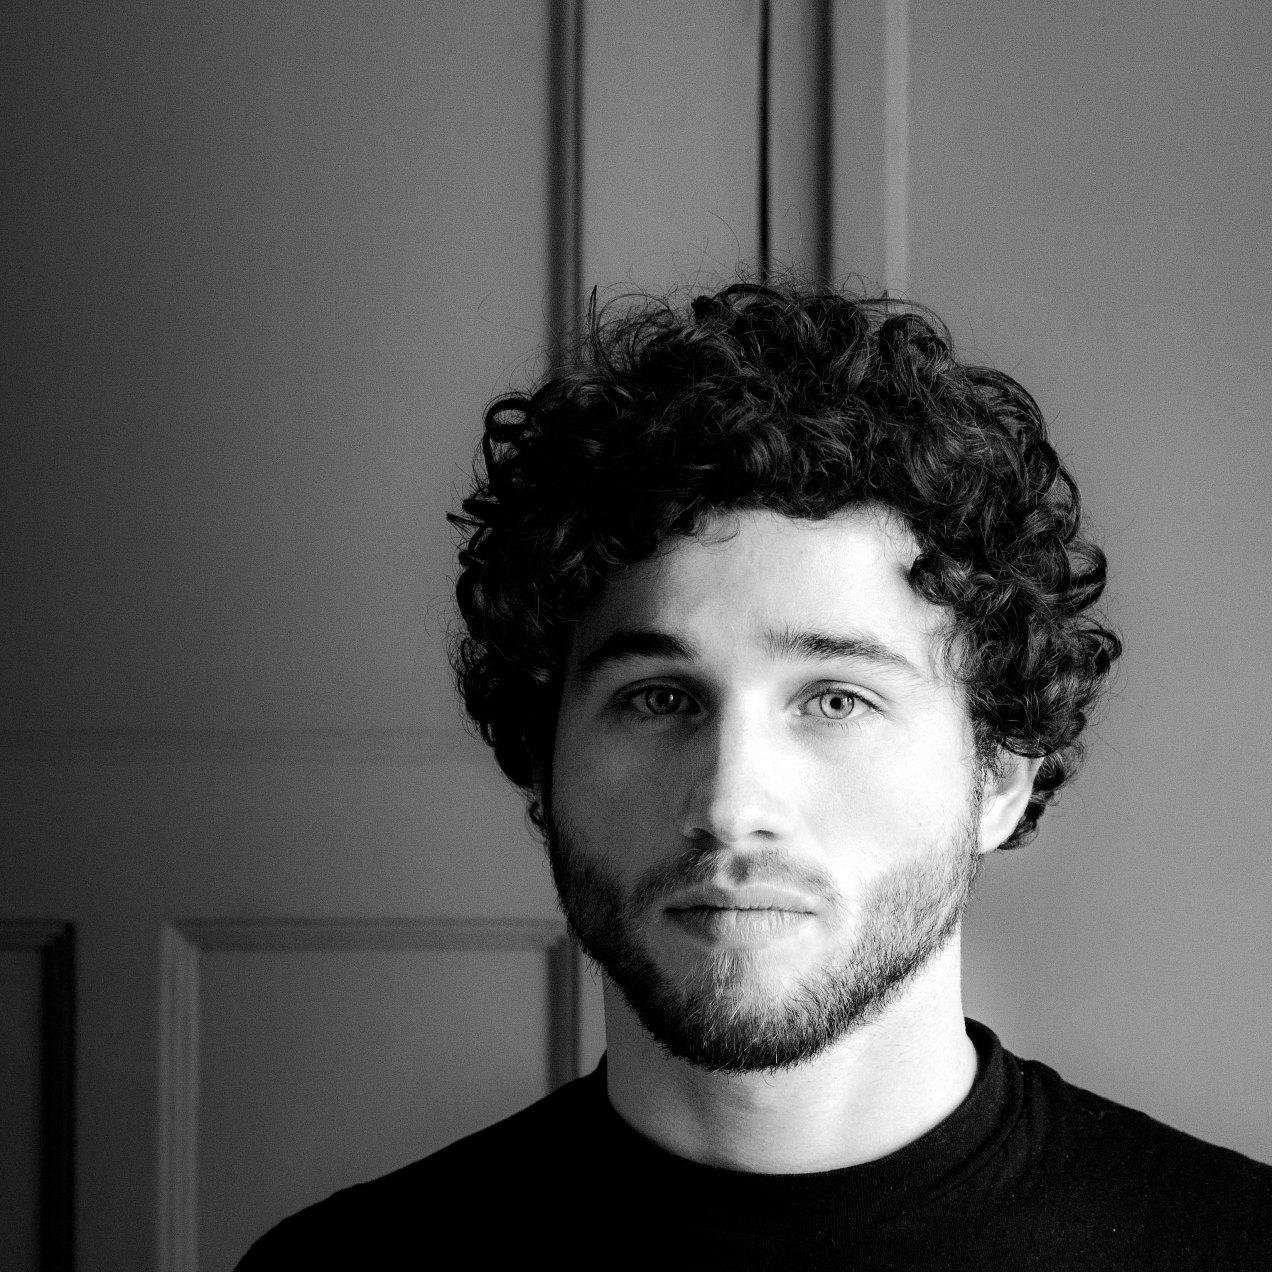 Thibault Massina, portrait, noir et blanc, gildalliere, 2019